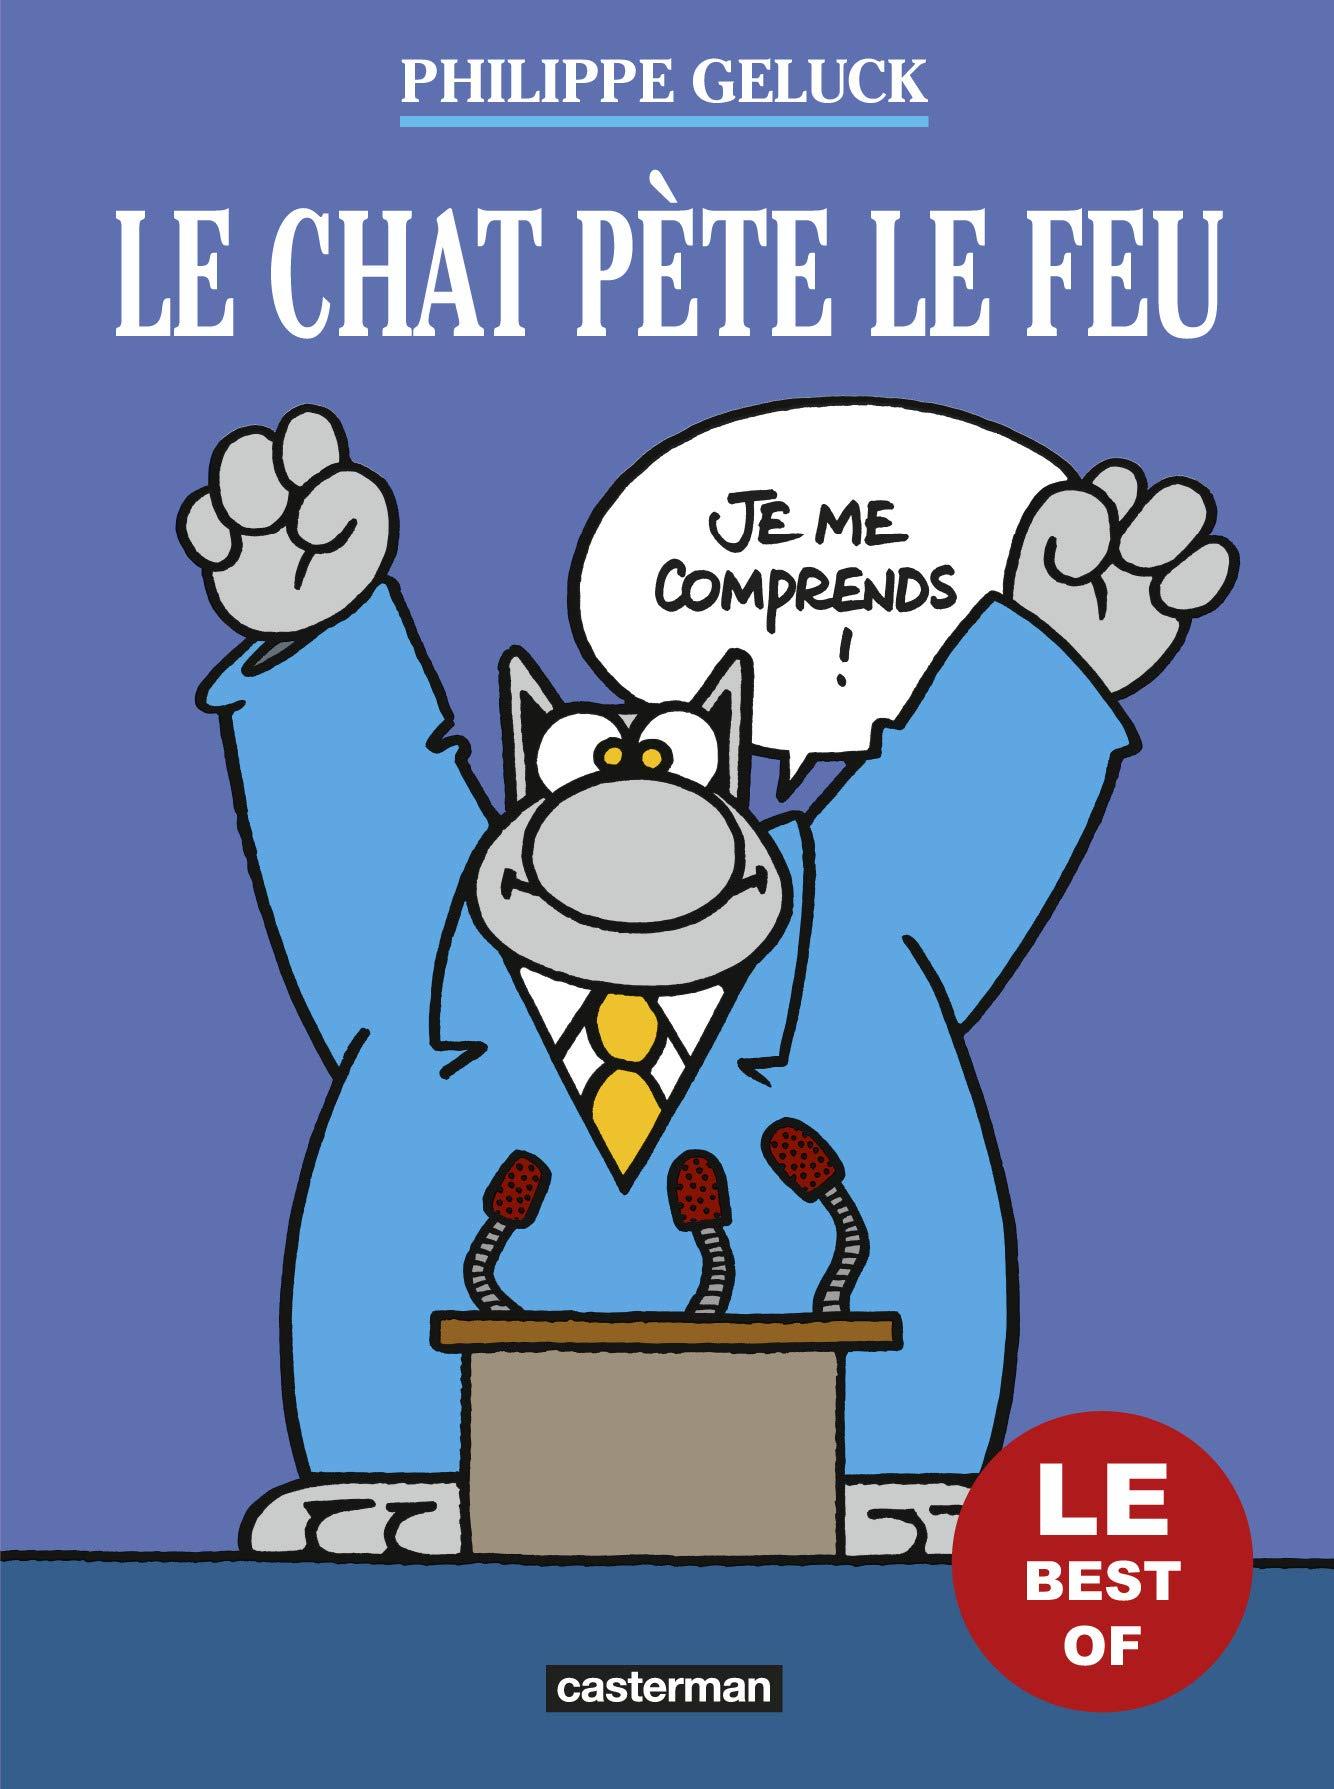 Le Chat pète le feu Album Tome 6 31 octobre 2018 Philippe Geluck CASTERMAN 2203165405 BD tout public Les Best of du Chat